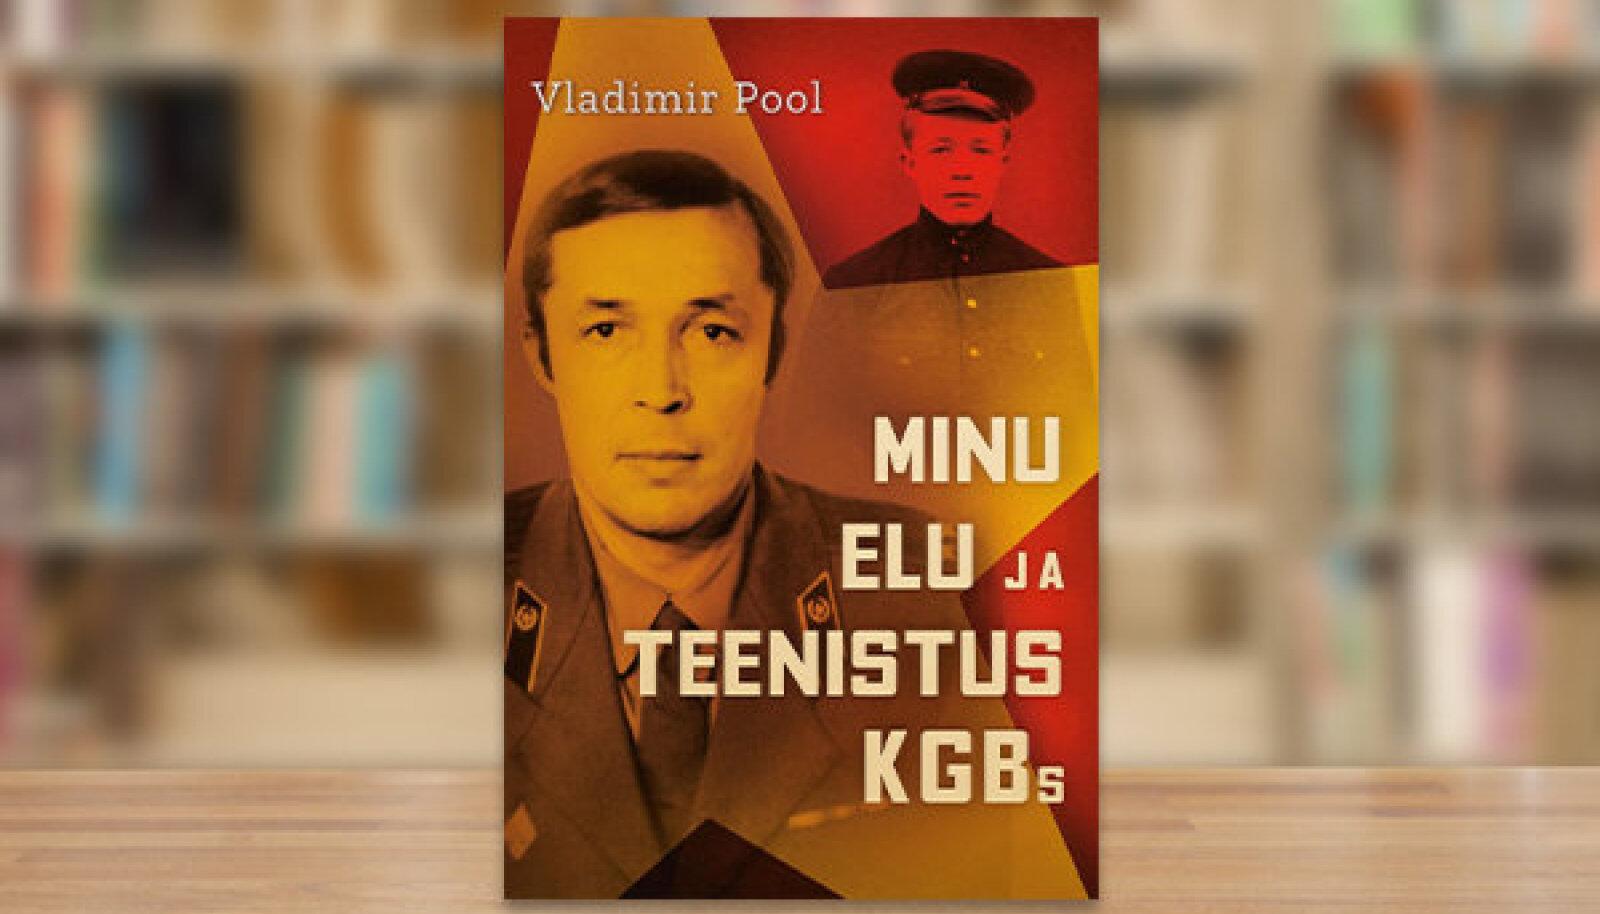 Minu elu ja teenistus KGB-s.